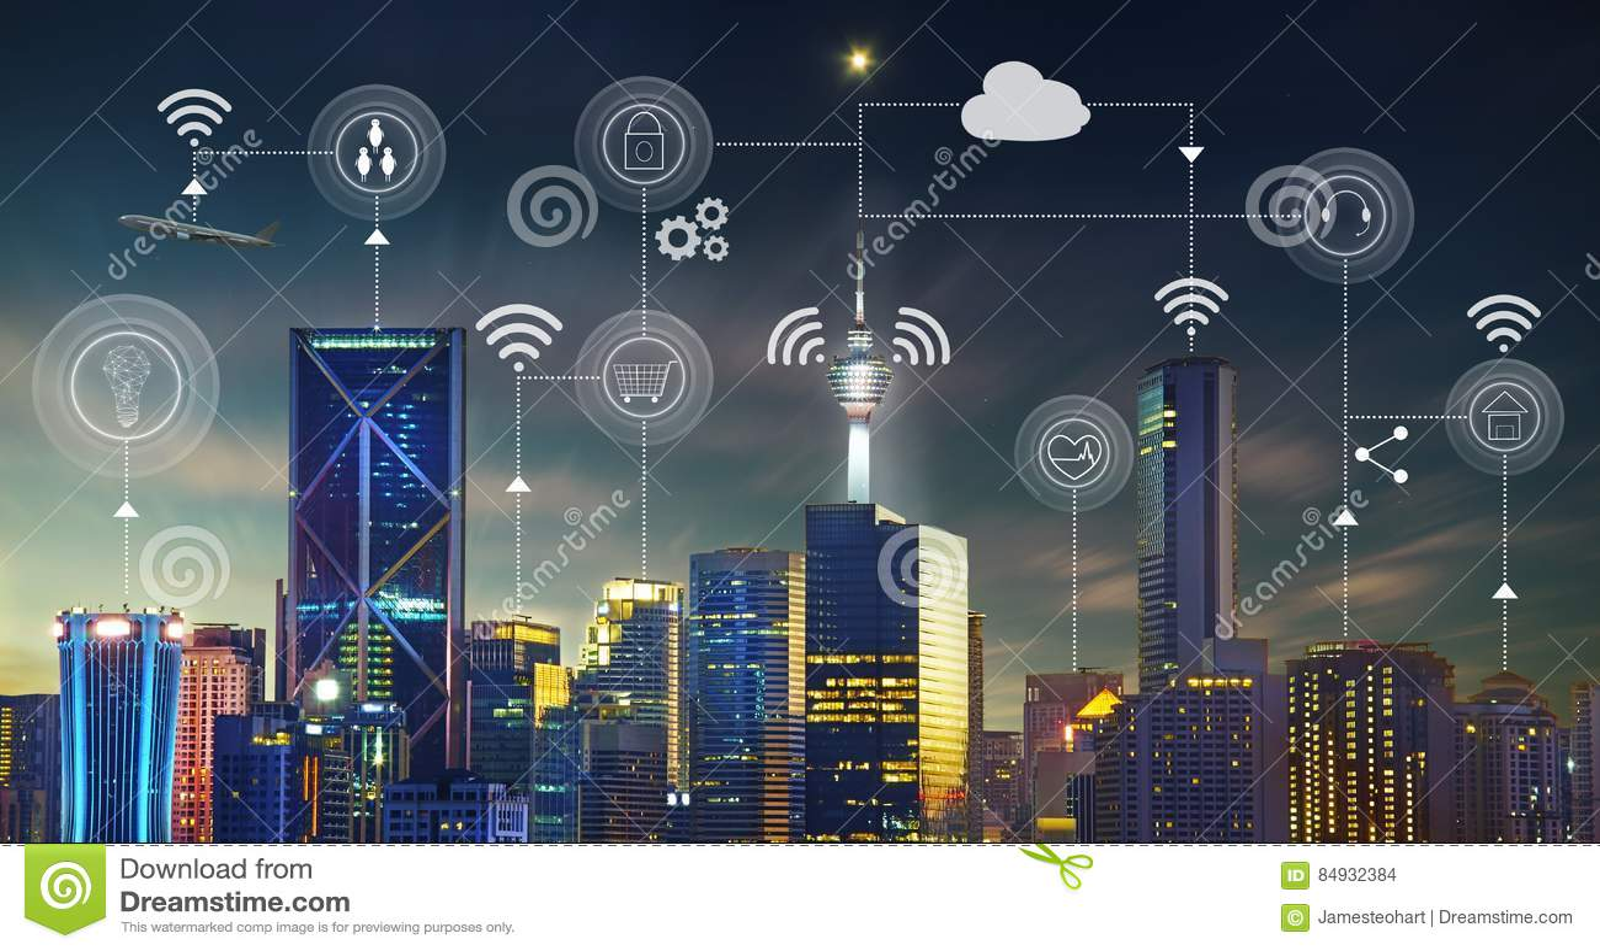 Slimme stad met eigentijdse gebouwen, verkeer, netwerken